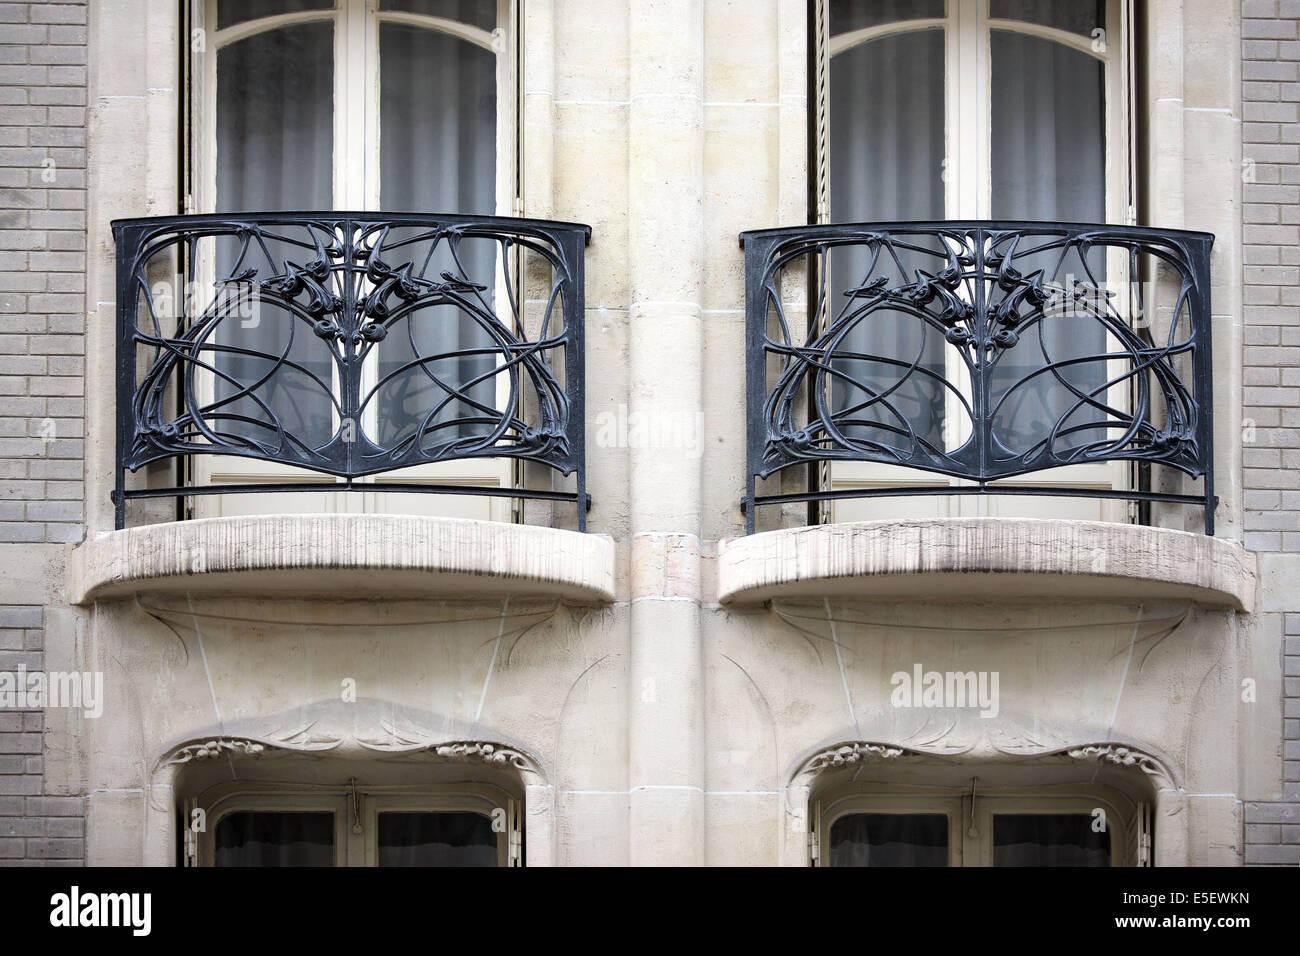 ferronnerie paris ferronnerie d art paris ferronnerie paris apartment paris rue de la. Black Bedroom Furniture Sets. Home Design Ideas